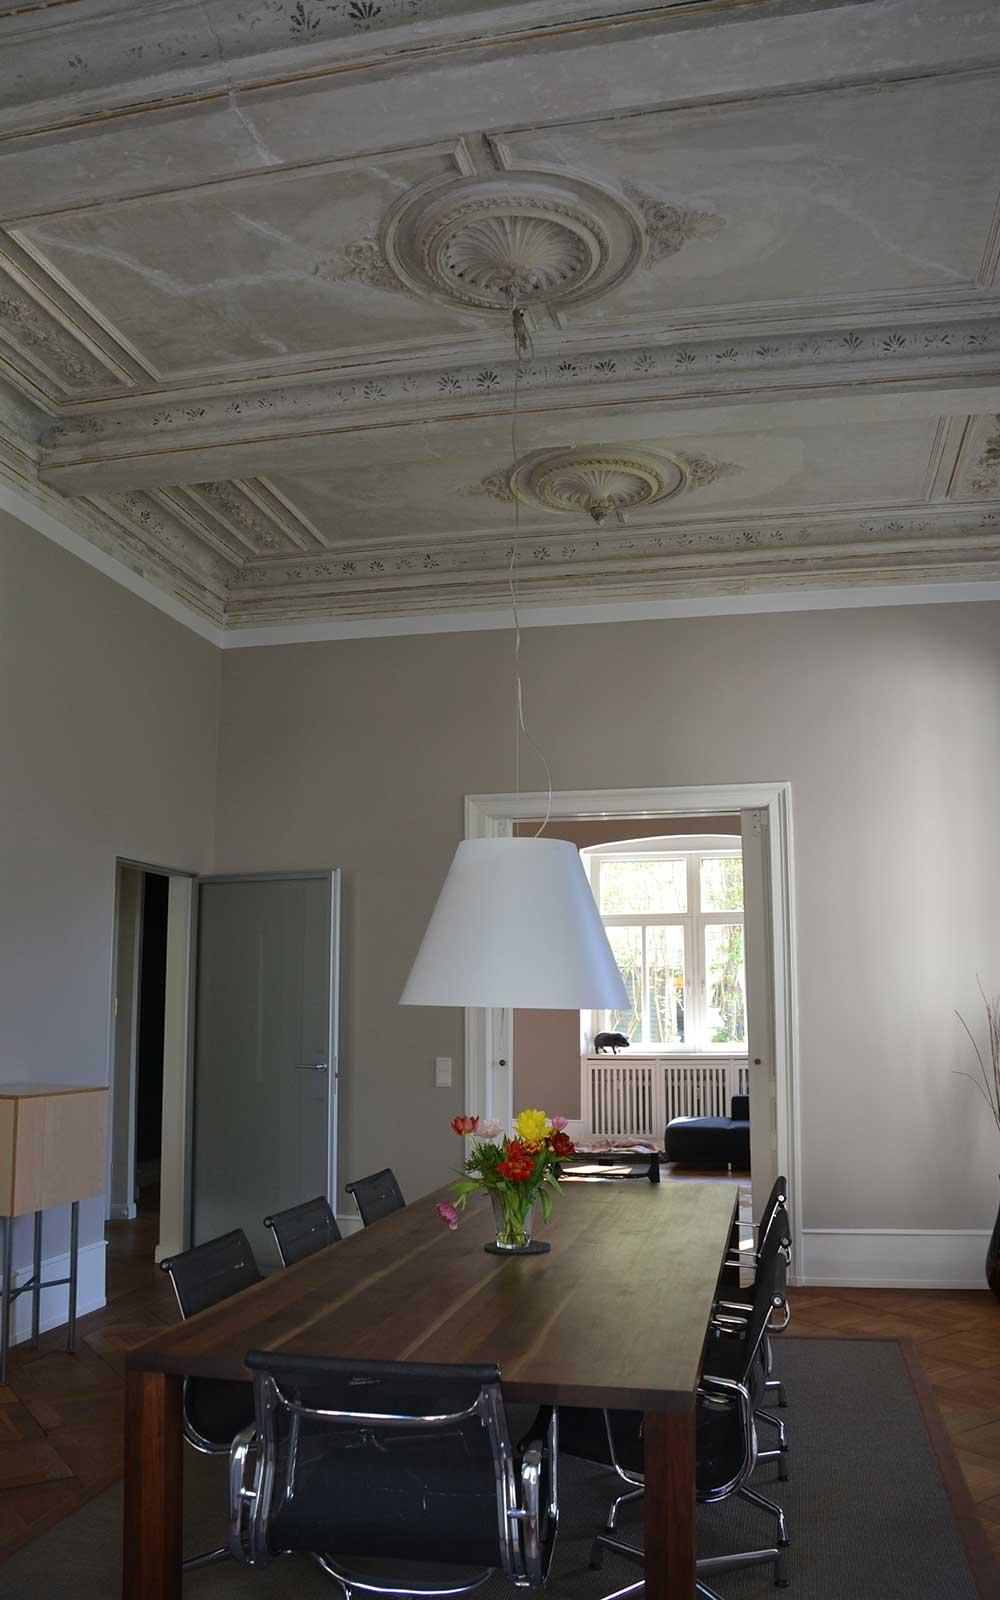 Behaghelvilla Heidelberg, Kochhan und Weckbach Architekten Heidelberg